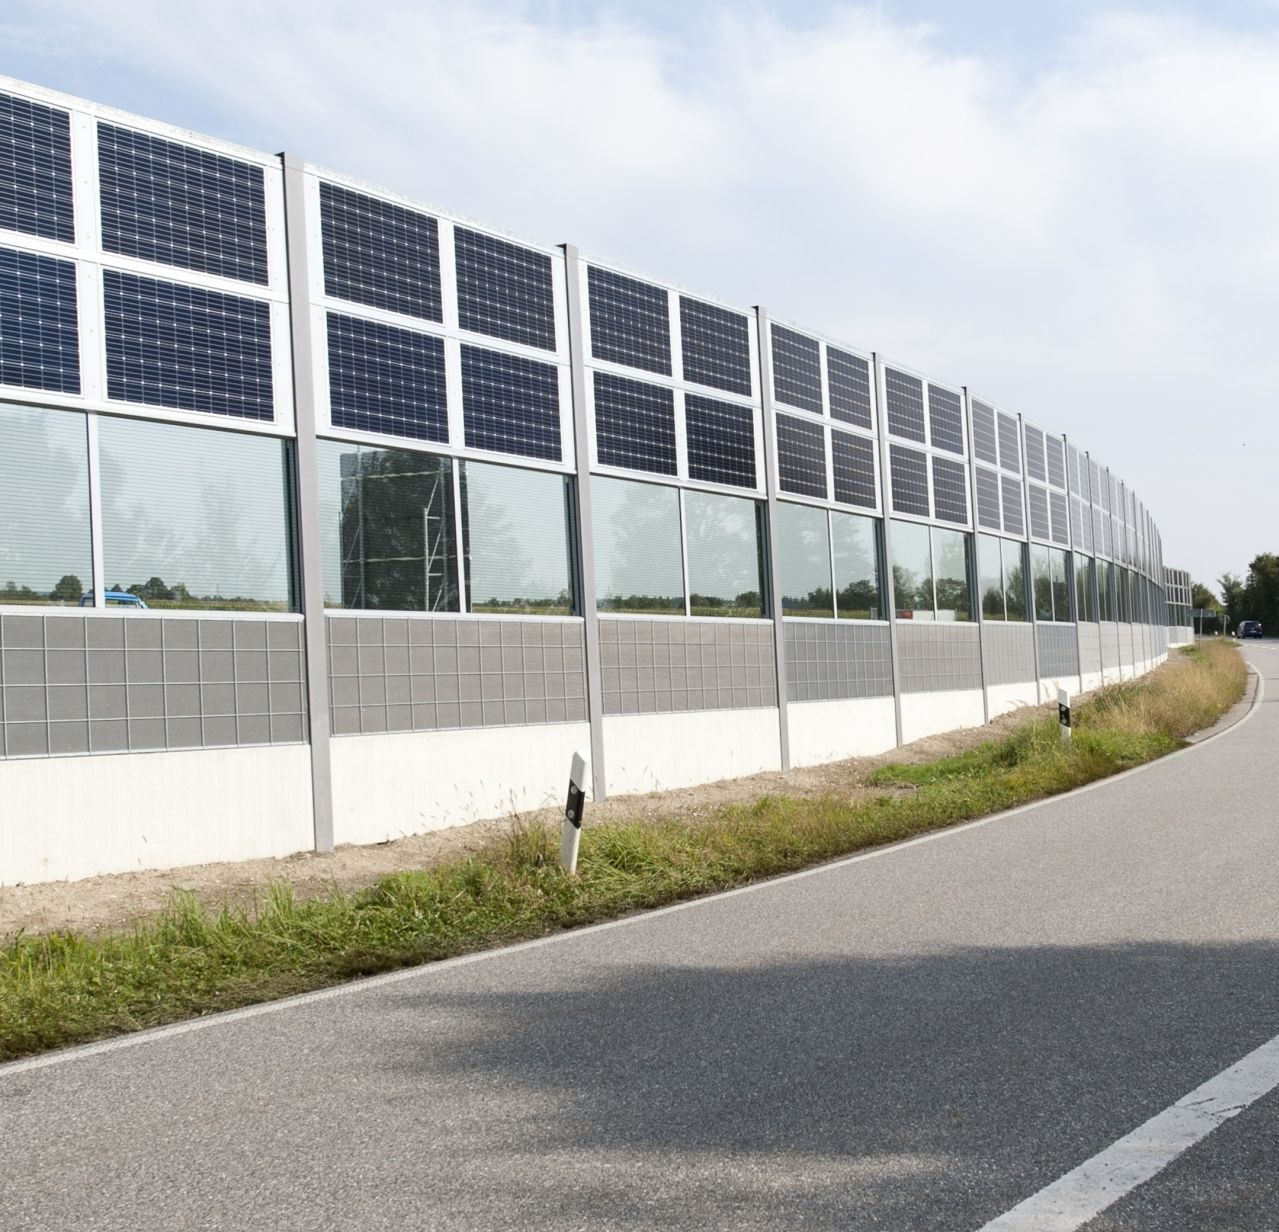 Massive Lärmschutzwand mit teiltransparenter Ausführung und Standard-PV-Modulen